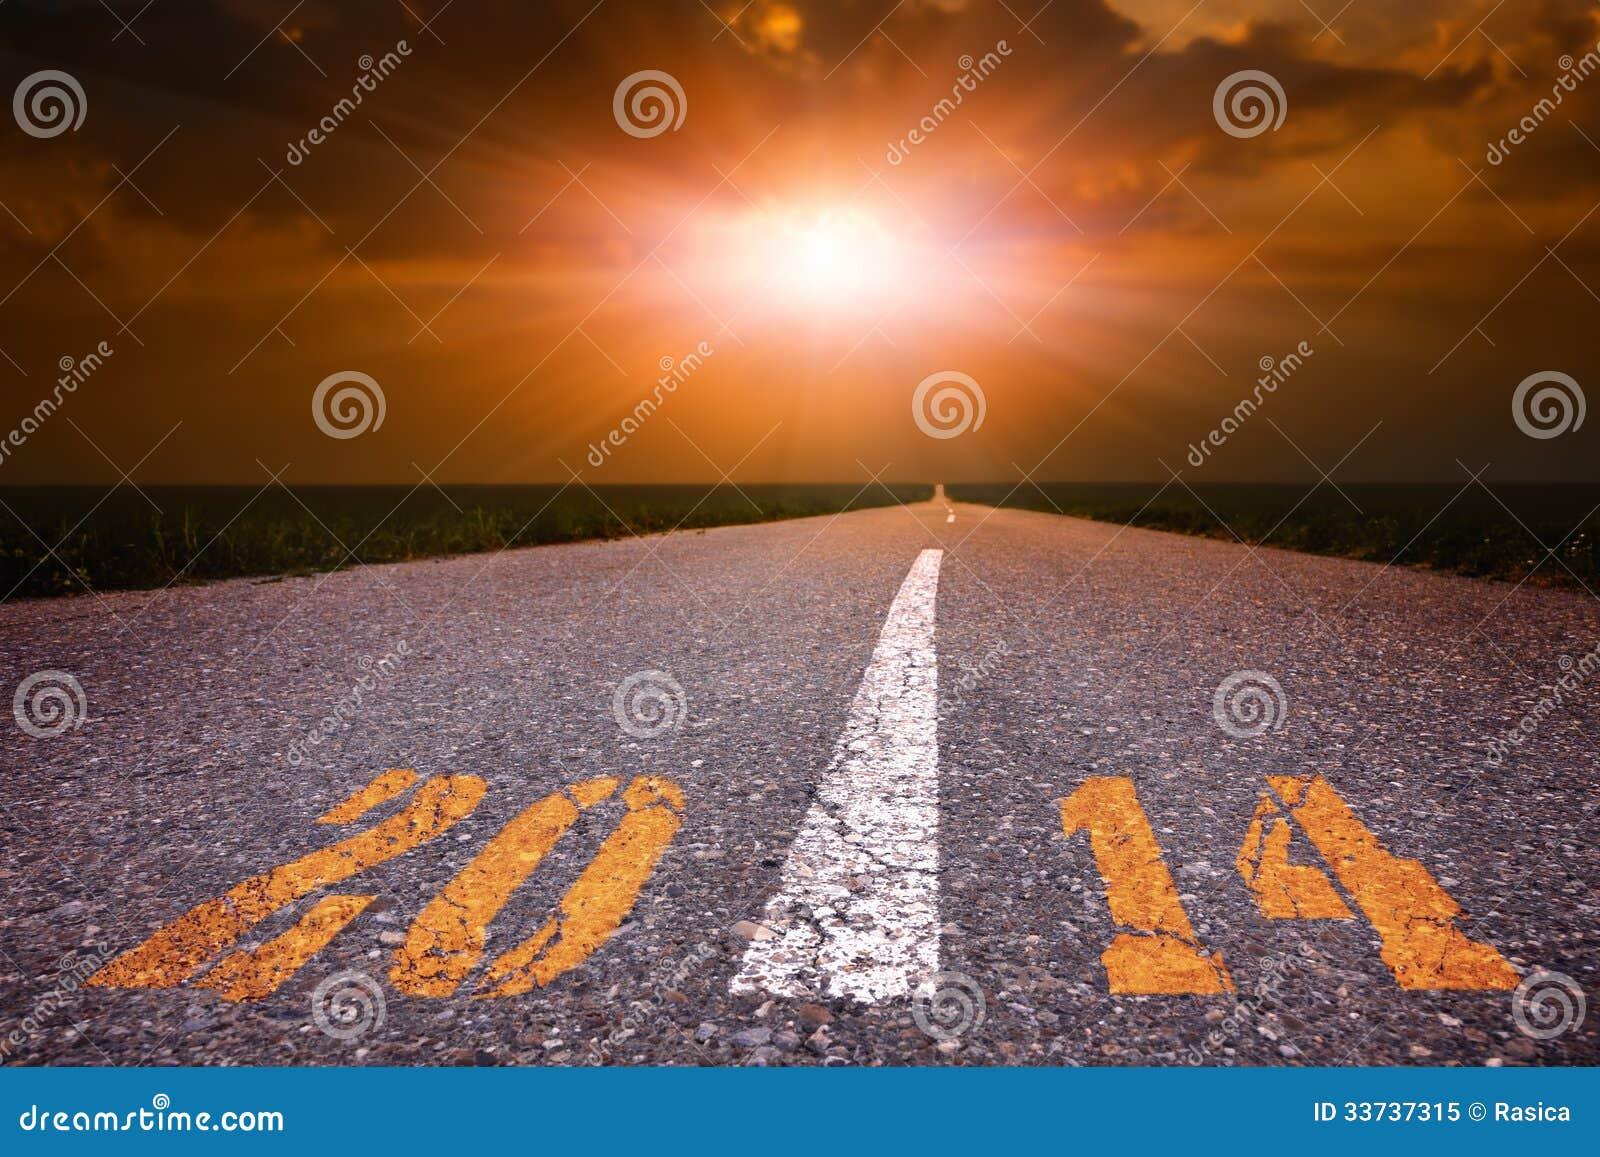 Conducción en un camino vacío hacia el sol poniente 2014